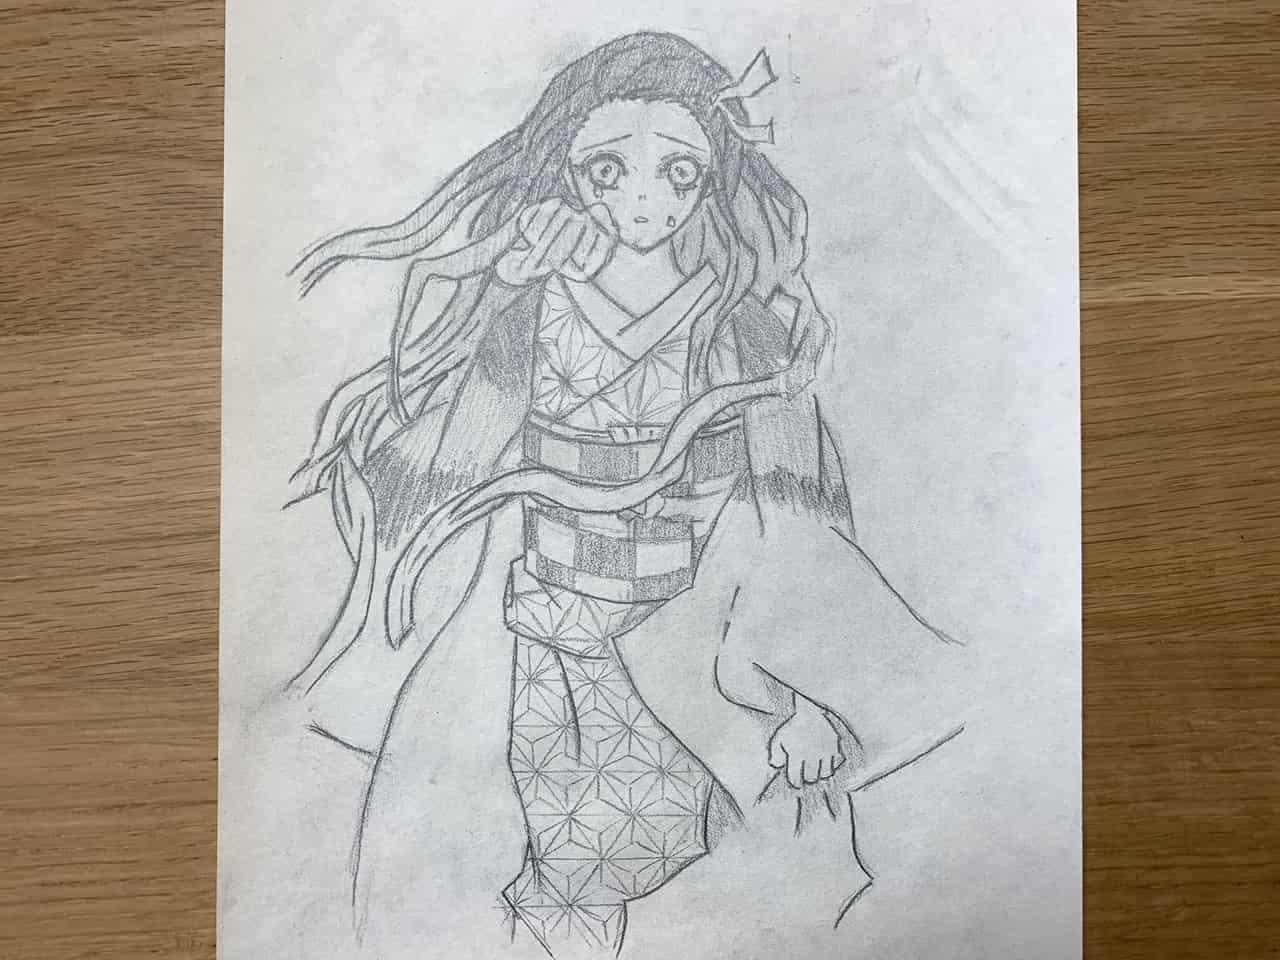 鬼滅の刃 竈門禰豆子 えんぴつ Illust of 那輝和 DemonSlayerFanartContest KimetsunoYaiba